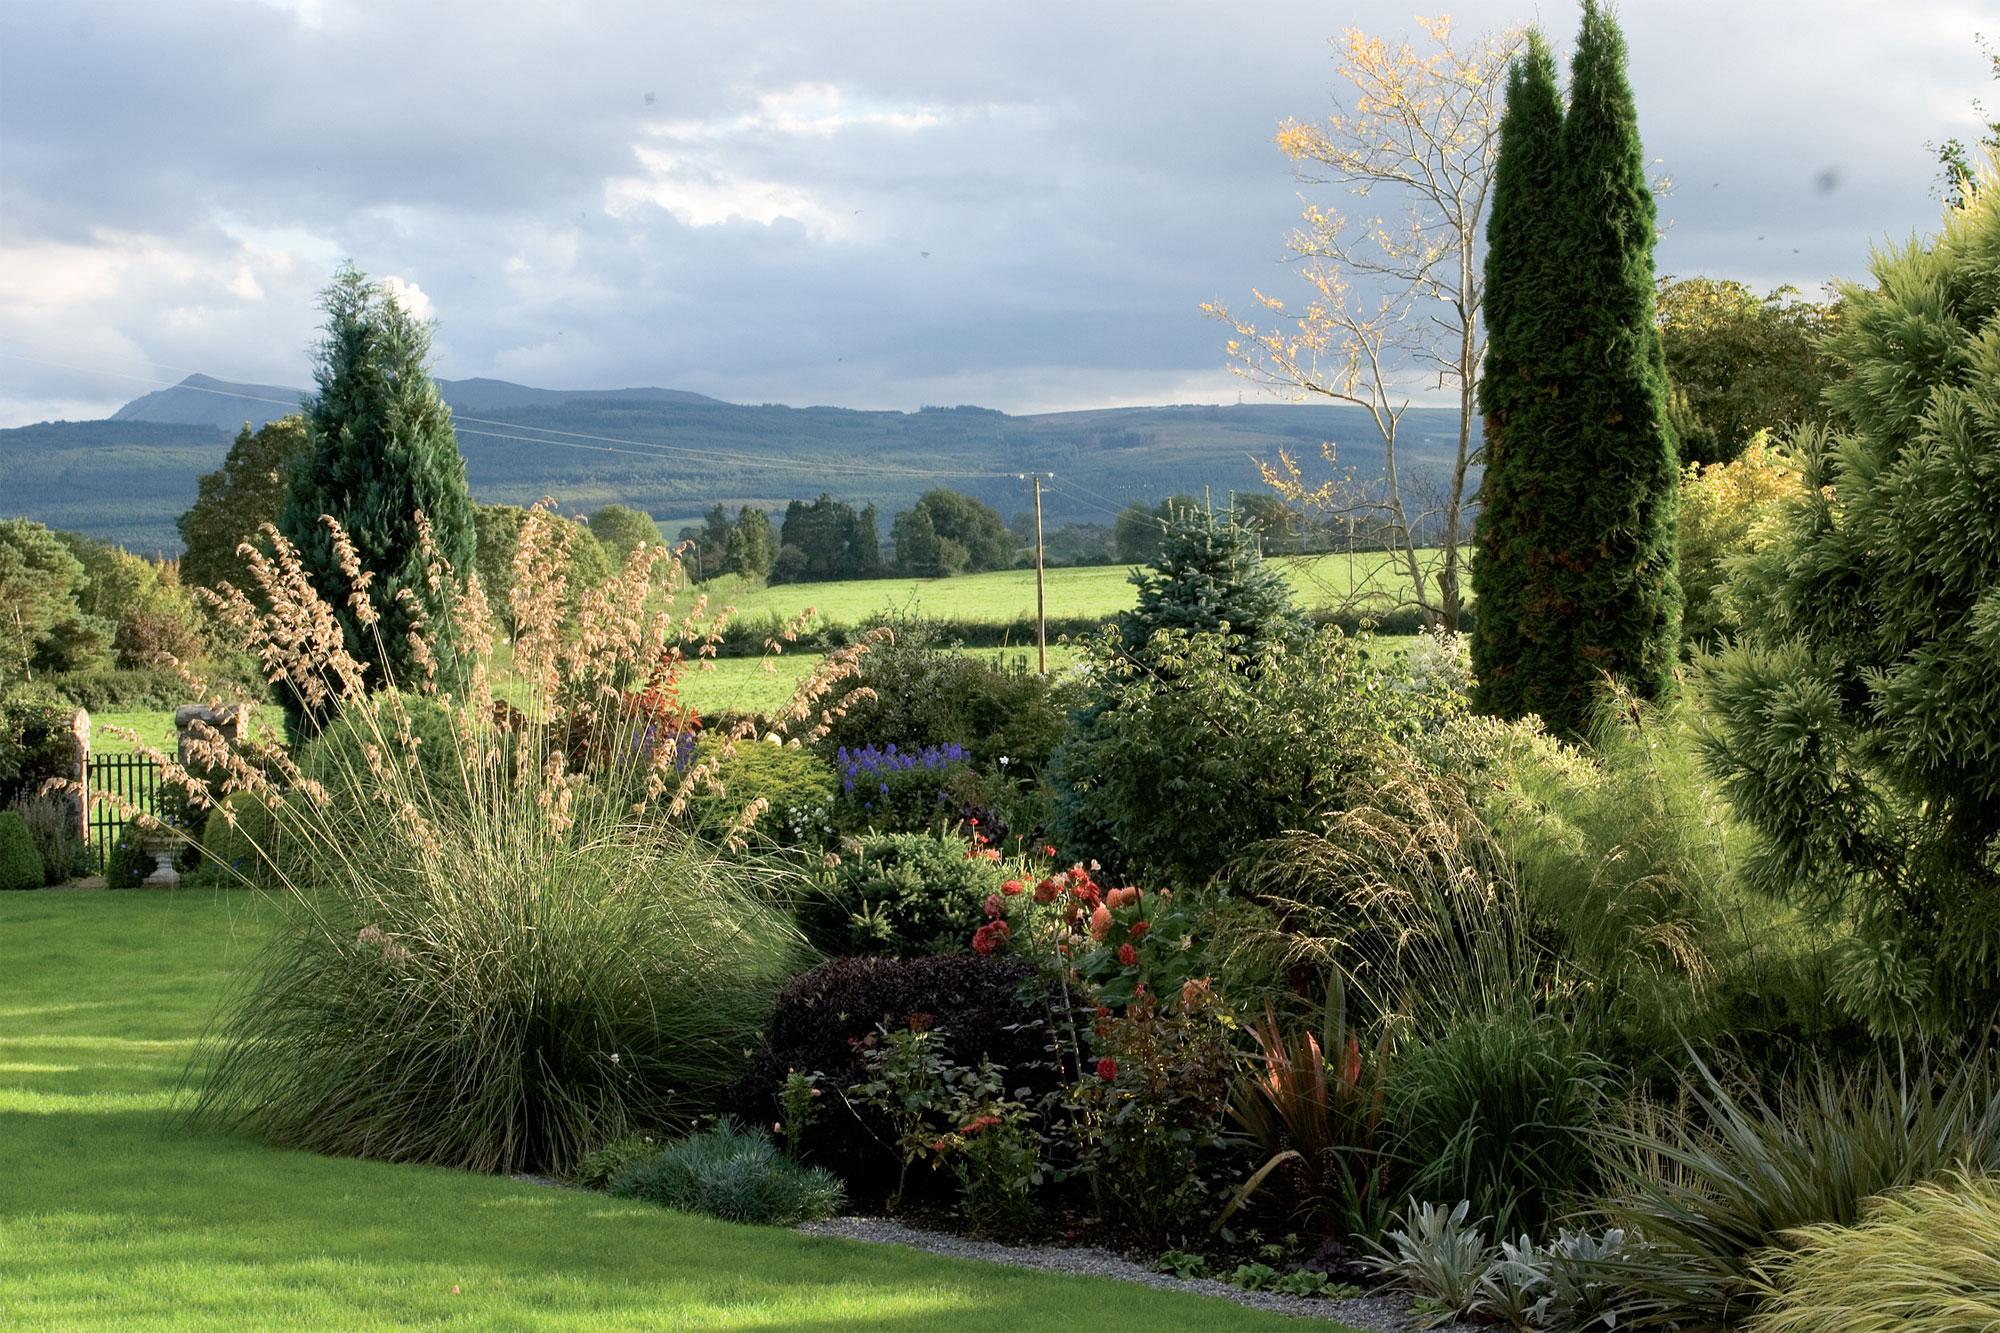 Näkymät laidunmaiden yli kohti Comeraghin vuoria on haluttu pitää avoimina, sillä näin puutarha luontevasti nivoutuu osaksi maisemaa. Stokesin perheen omistamille laitumille johtaa rautaportti puutarhan perältä. Etualalla komea jättihöyhenheinä (Stipa gigantea).